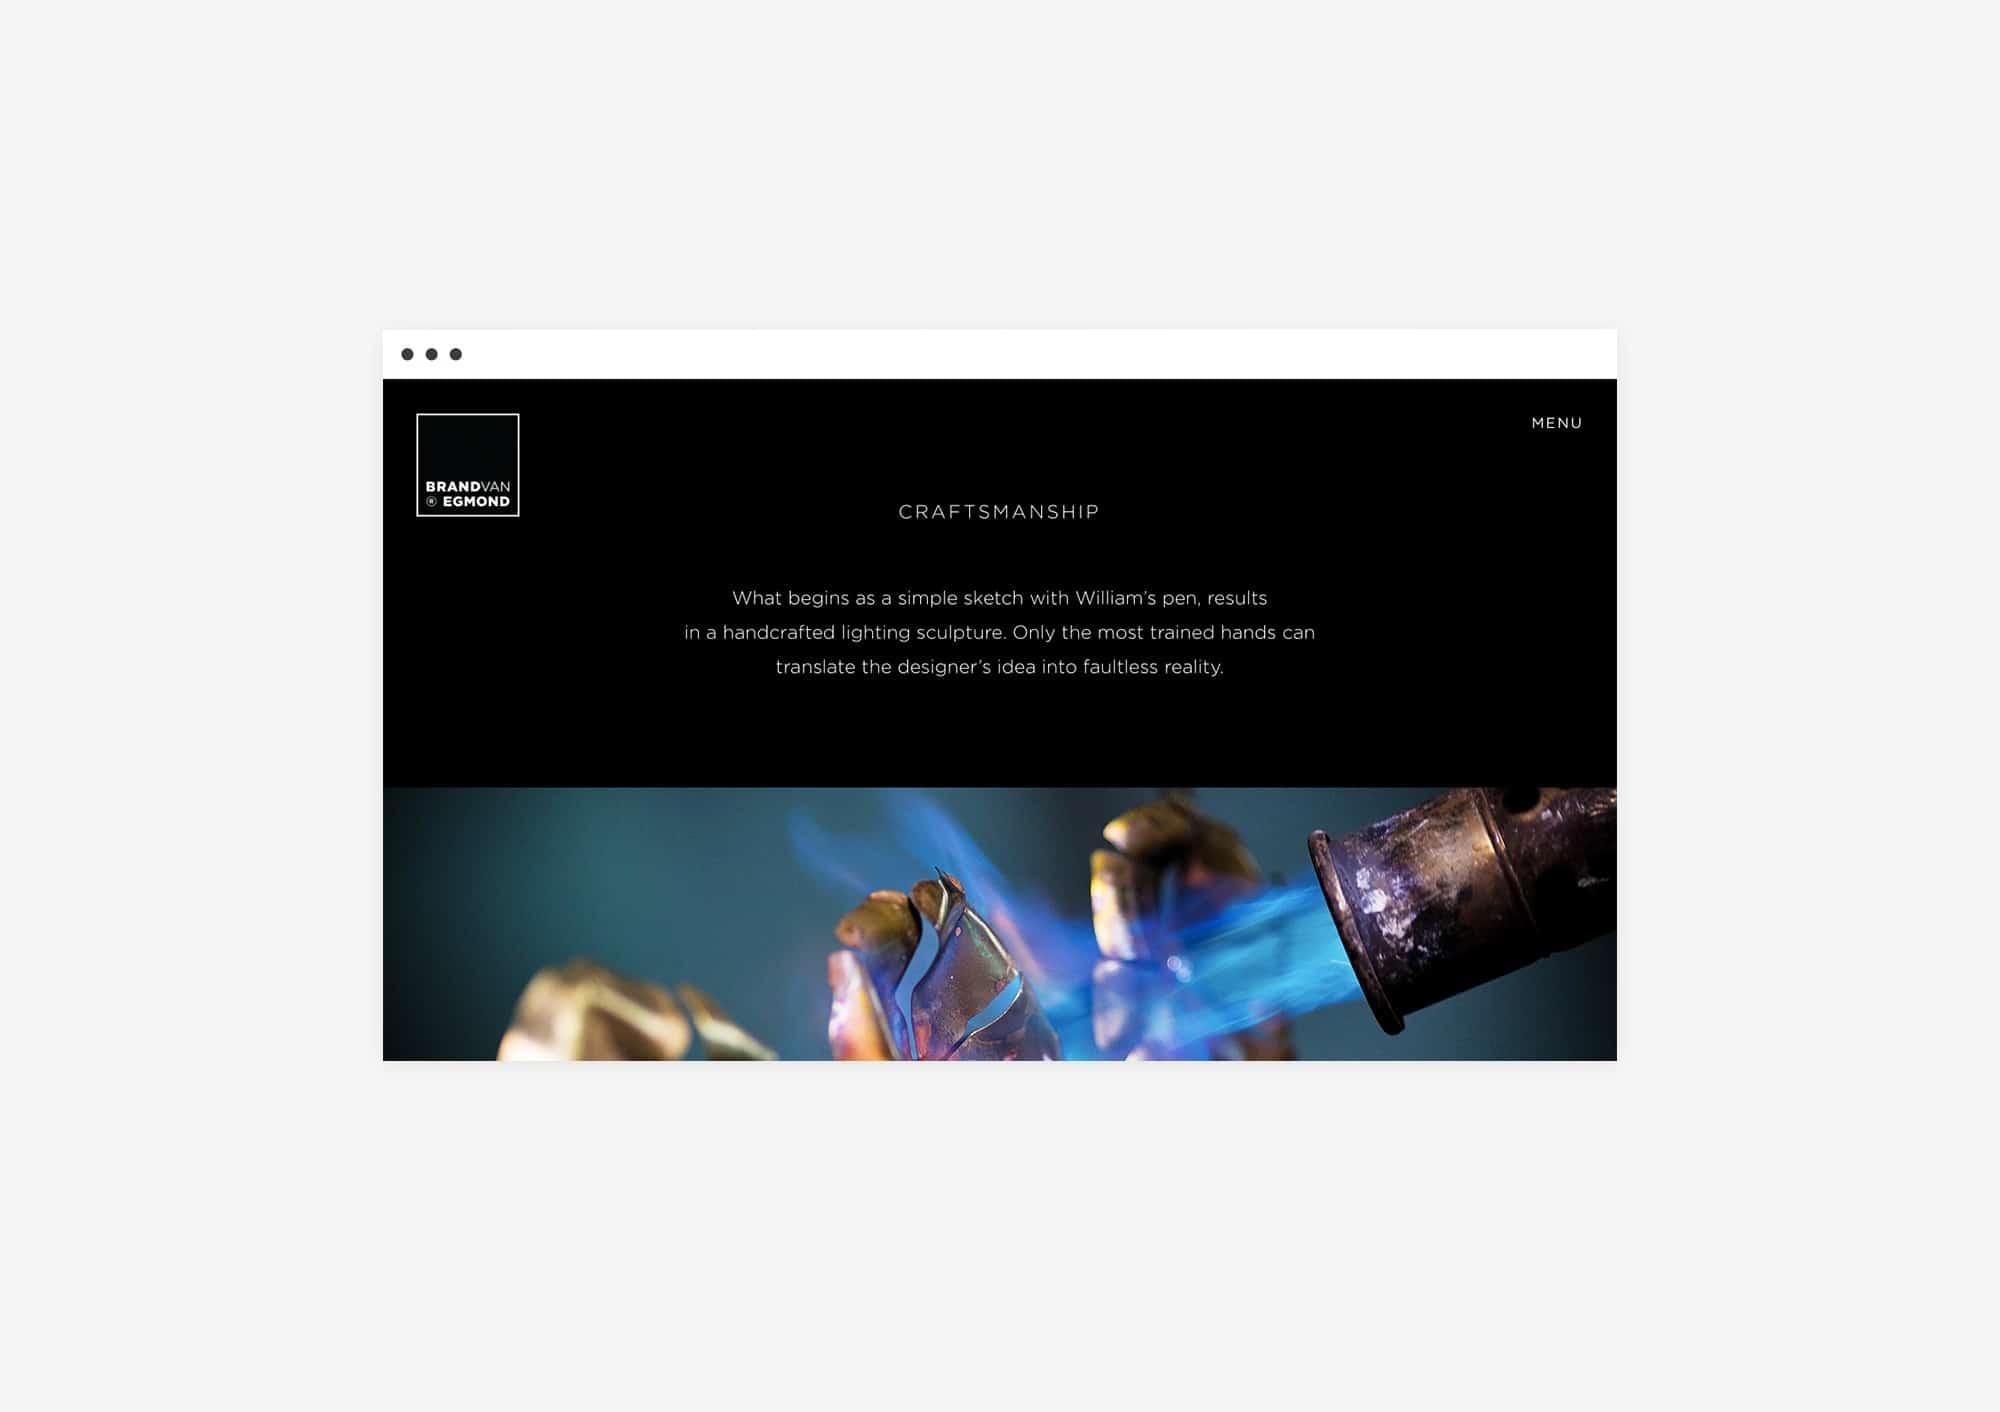 Custom made design website for Brand van Egmond